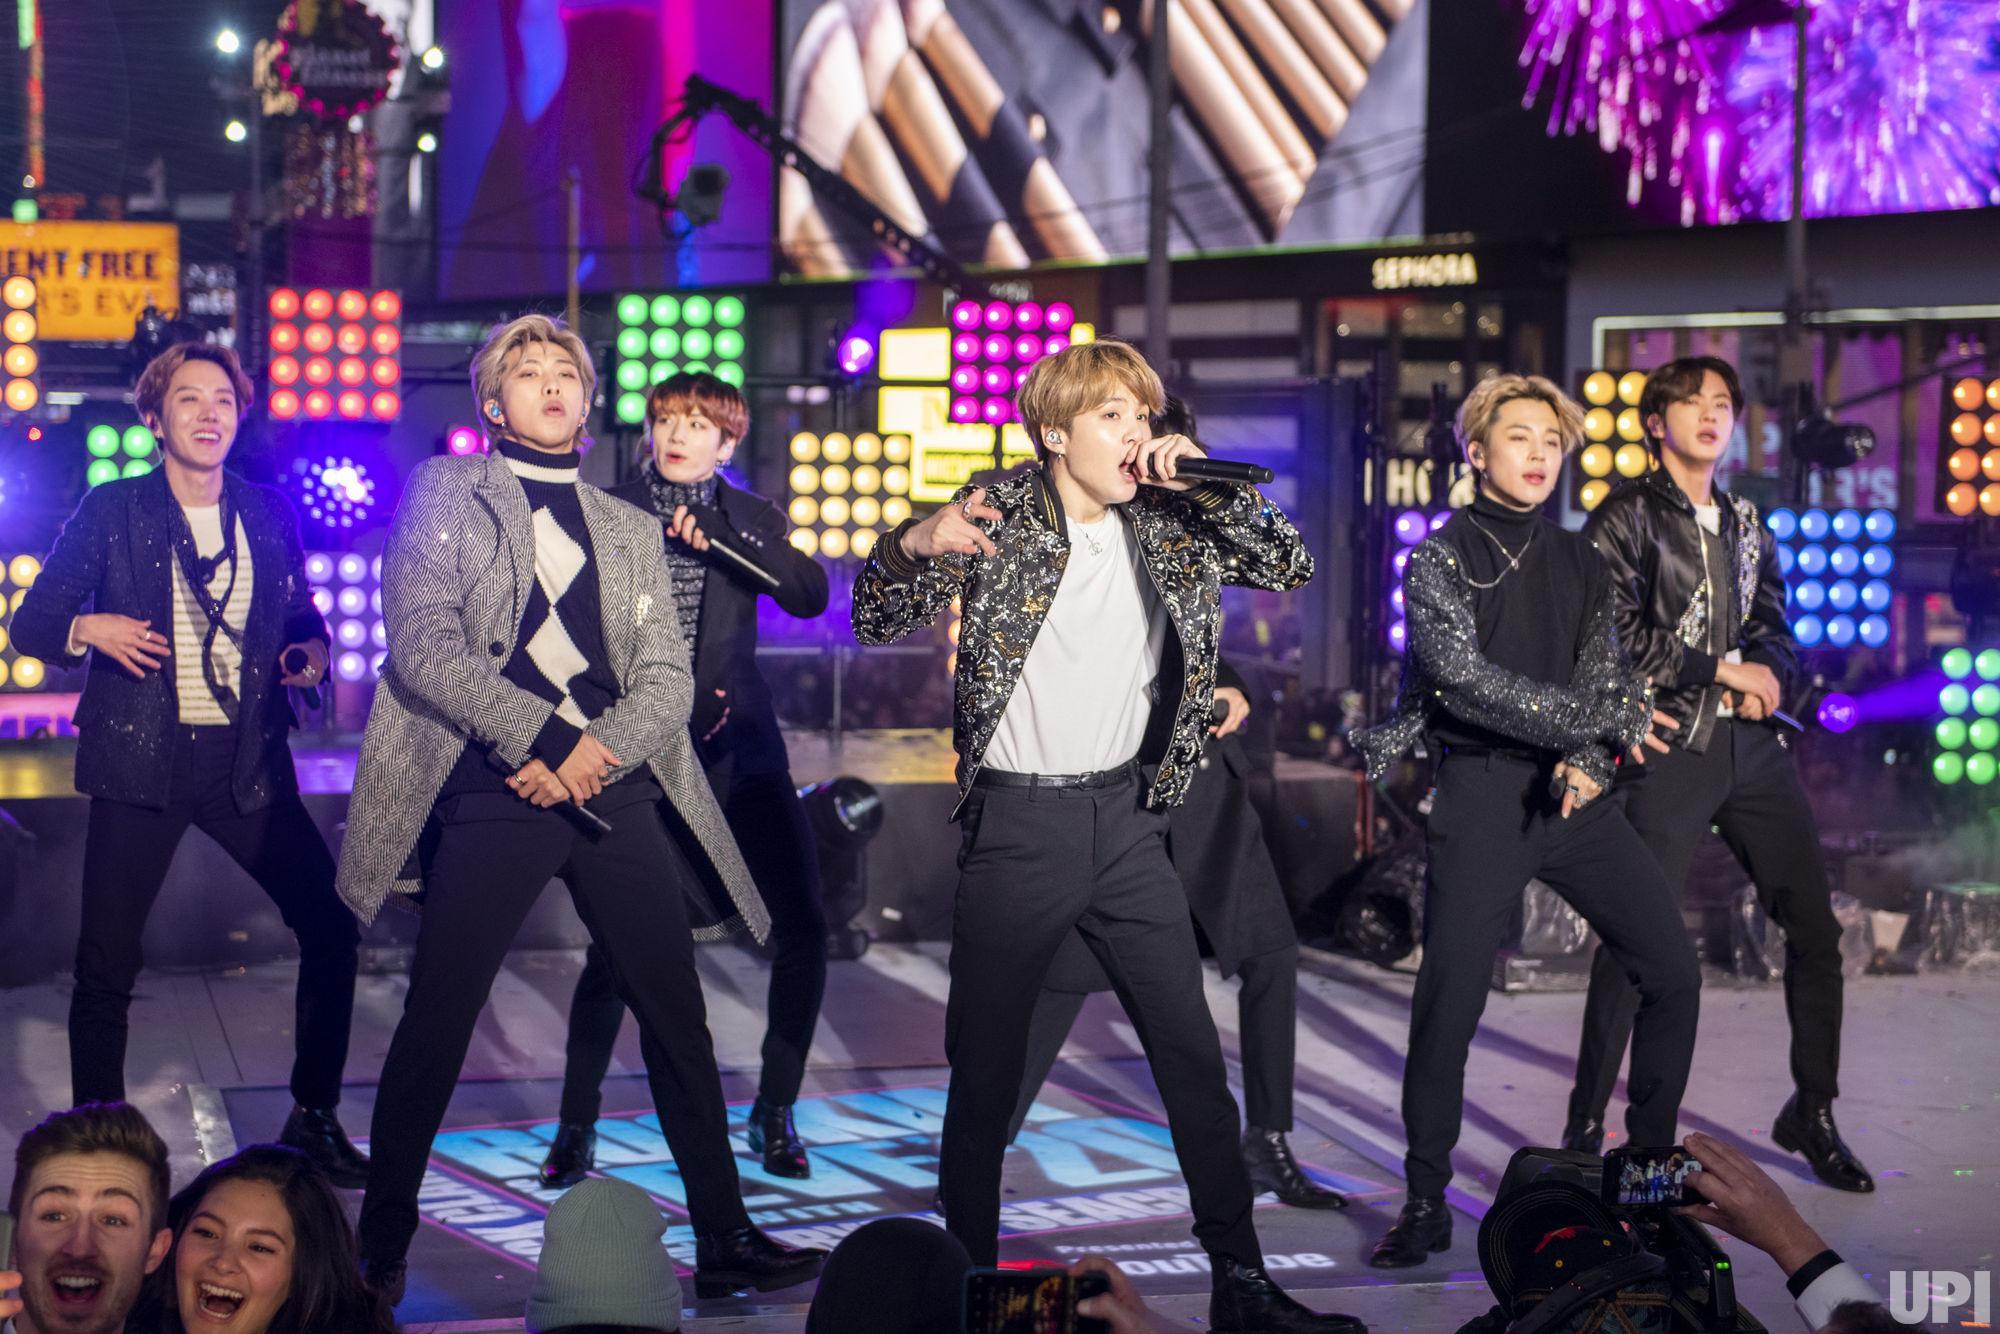 BTS Tampil Membawakan Lagu Make It Right dan Boy With Luv di New Year's Rockin' Eve 2020